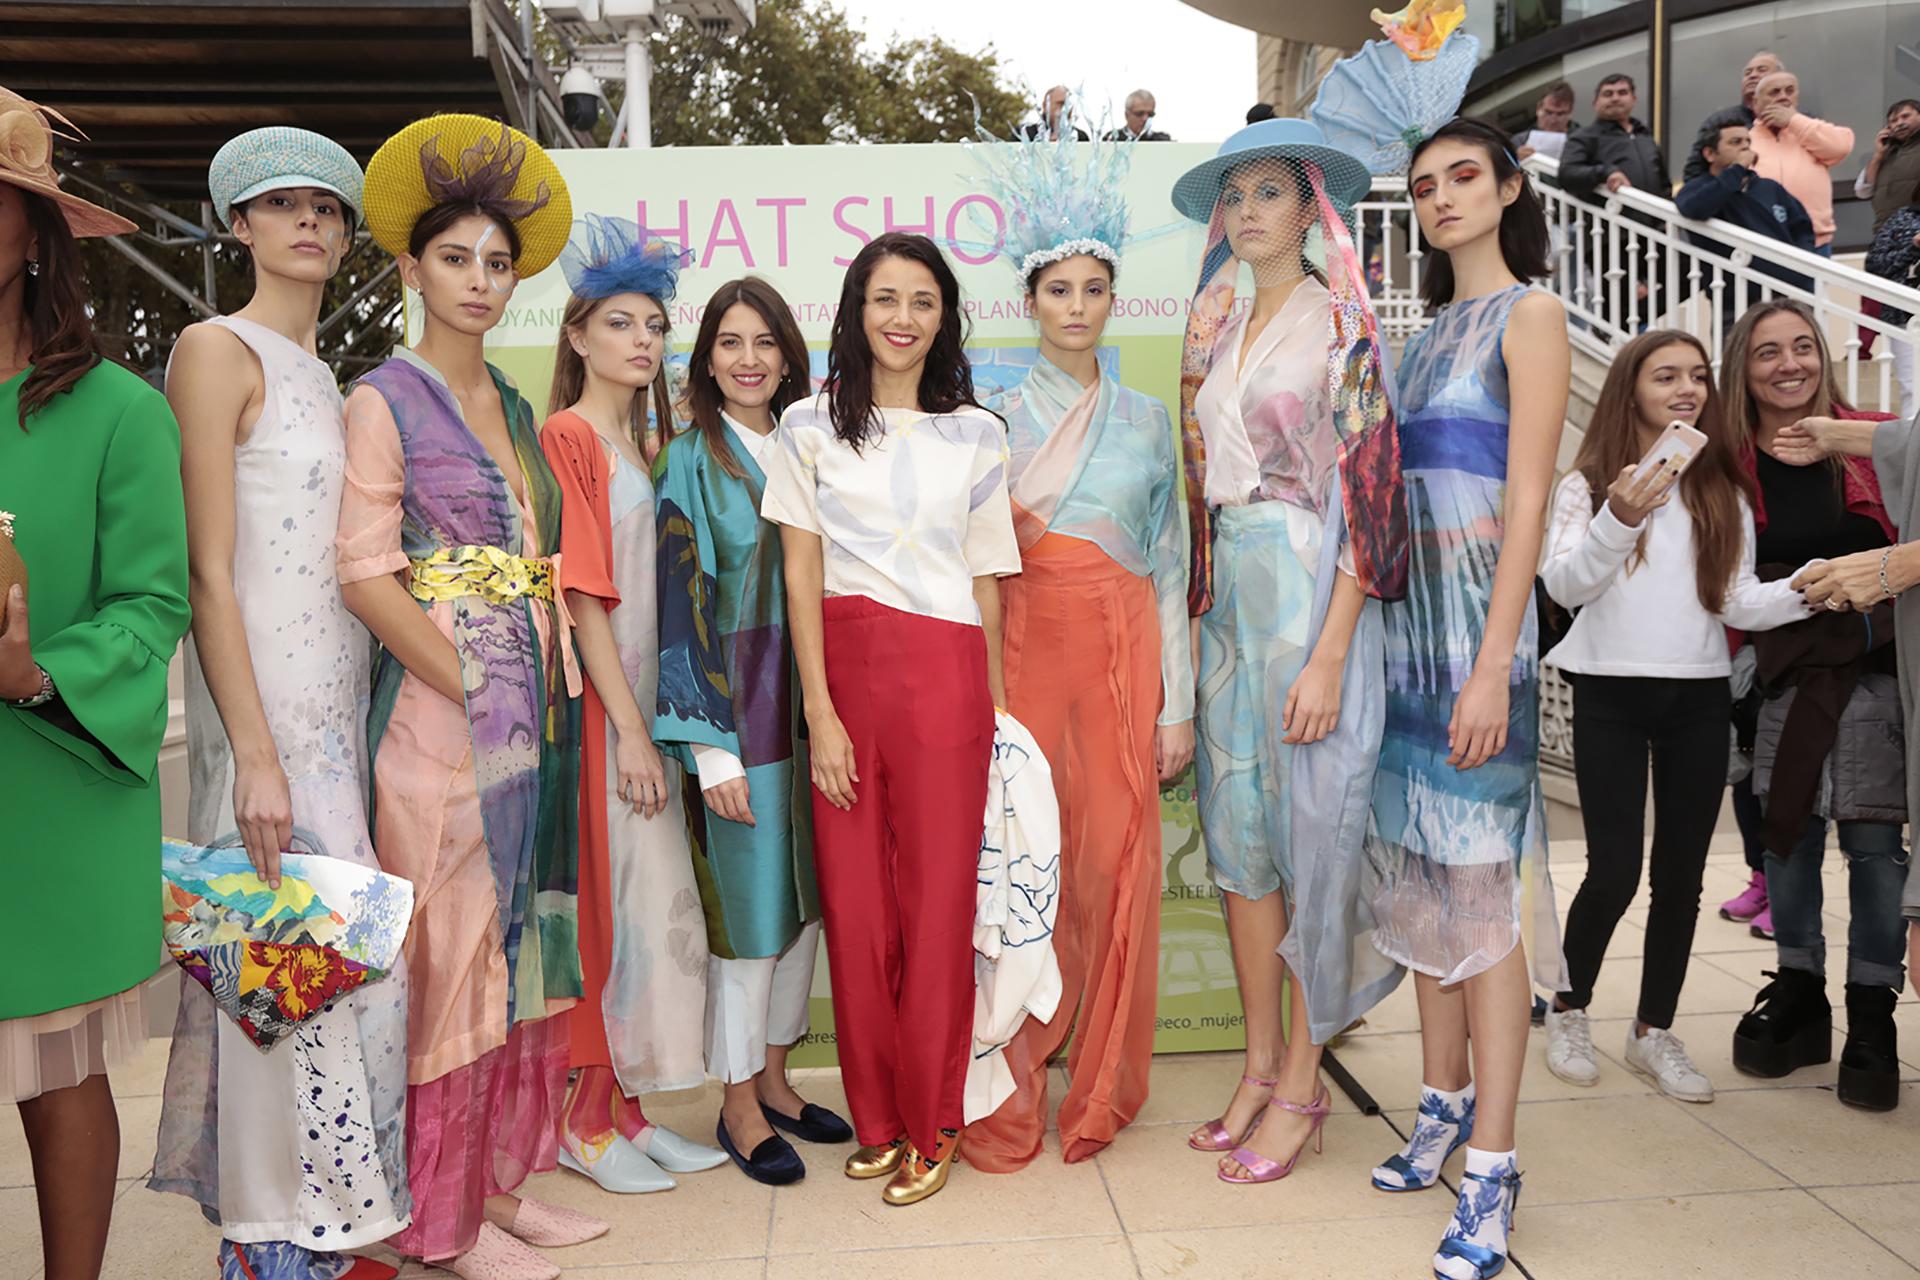 """Bajo el concepto de """"sustentabilidad al galope"""" se desarrolló una feria de sombreros y fascinators, con los diseños de Laura Noetinger y sus egresadas: Florencia Tellado, Roxana Sittic Harb, Paula Gaspari y Sol Robles"""